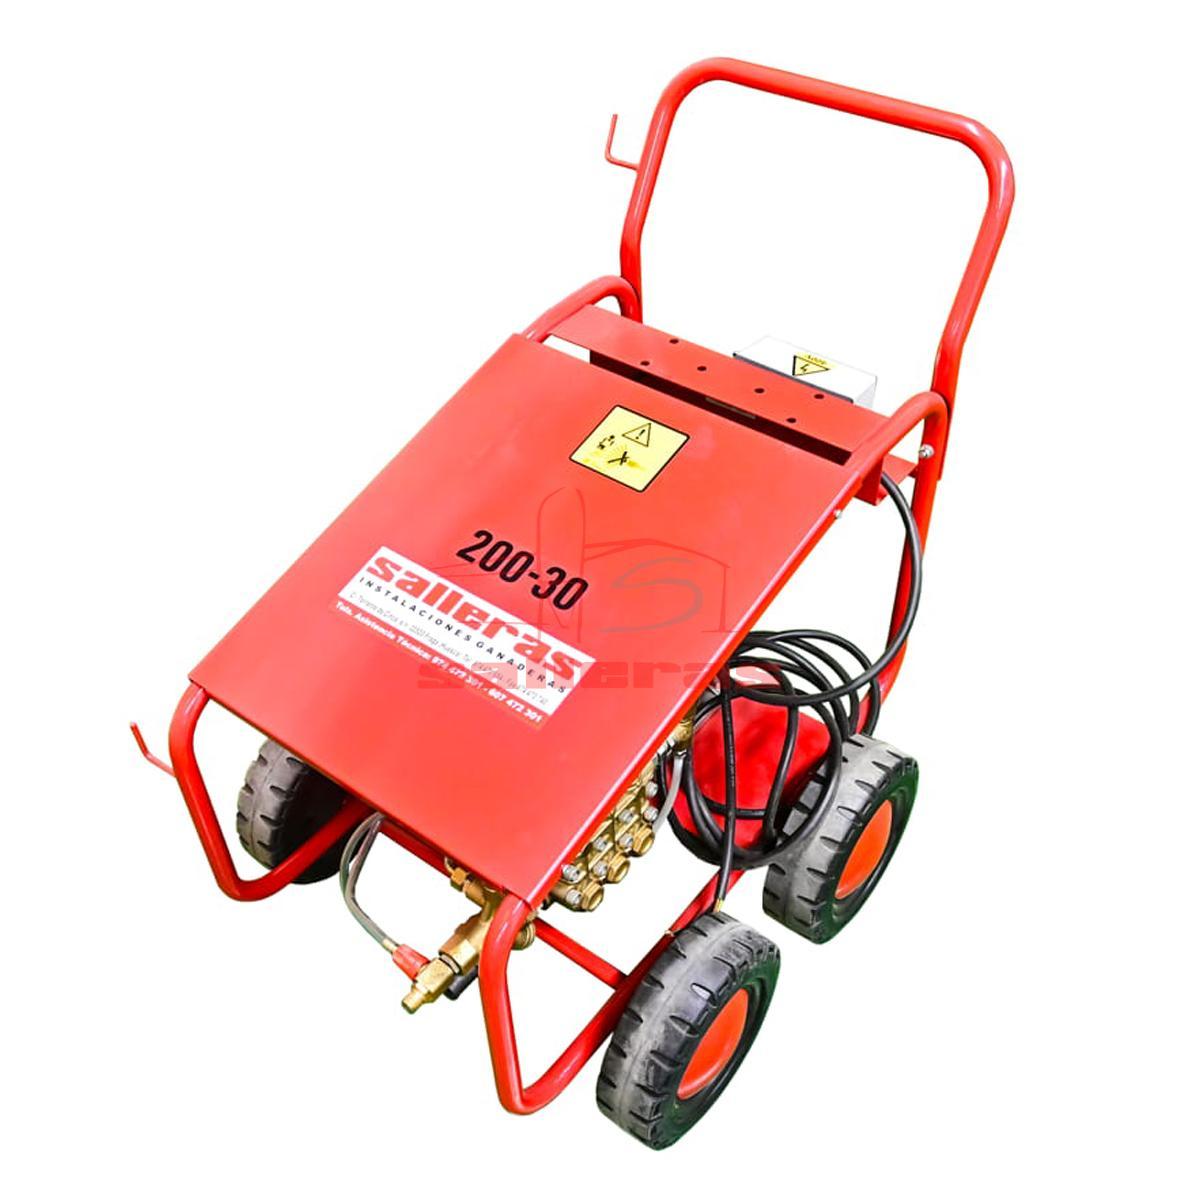 Maquina hidrolimpiadora de cuatro ruedas con asa